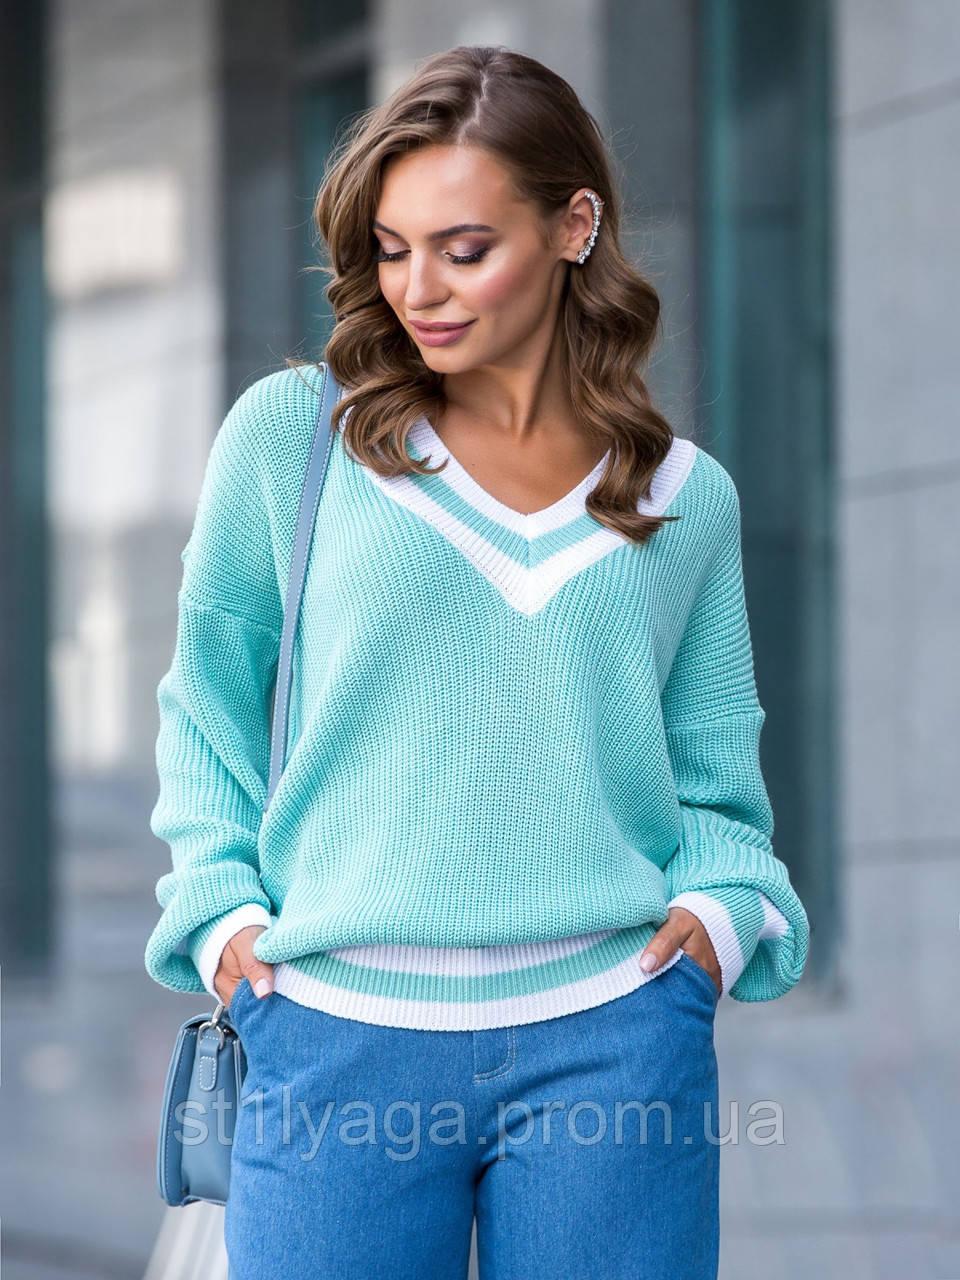 S-L Яркий вязаный свитер свободного кроя с треугольным вырезом размер 44-48 в расцветках